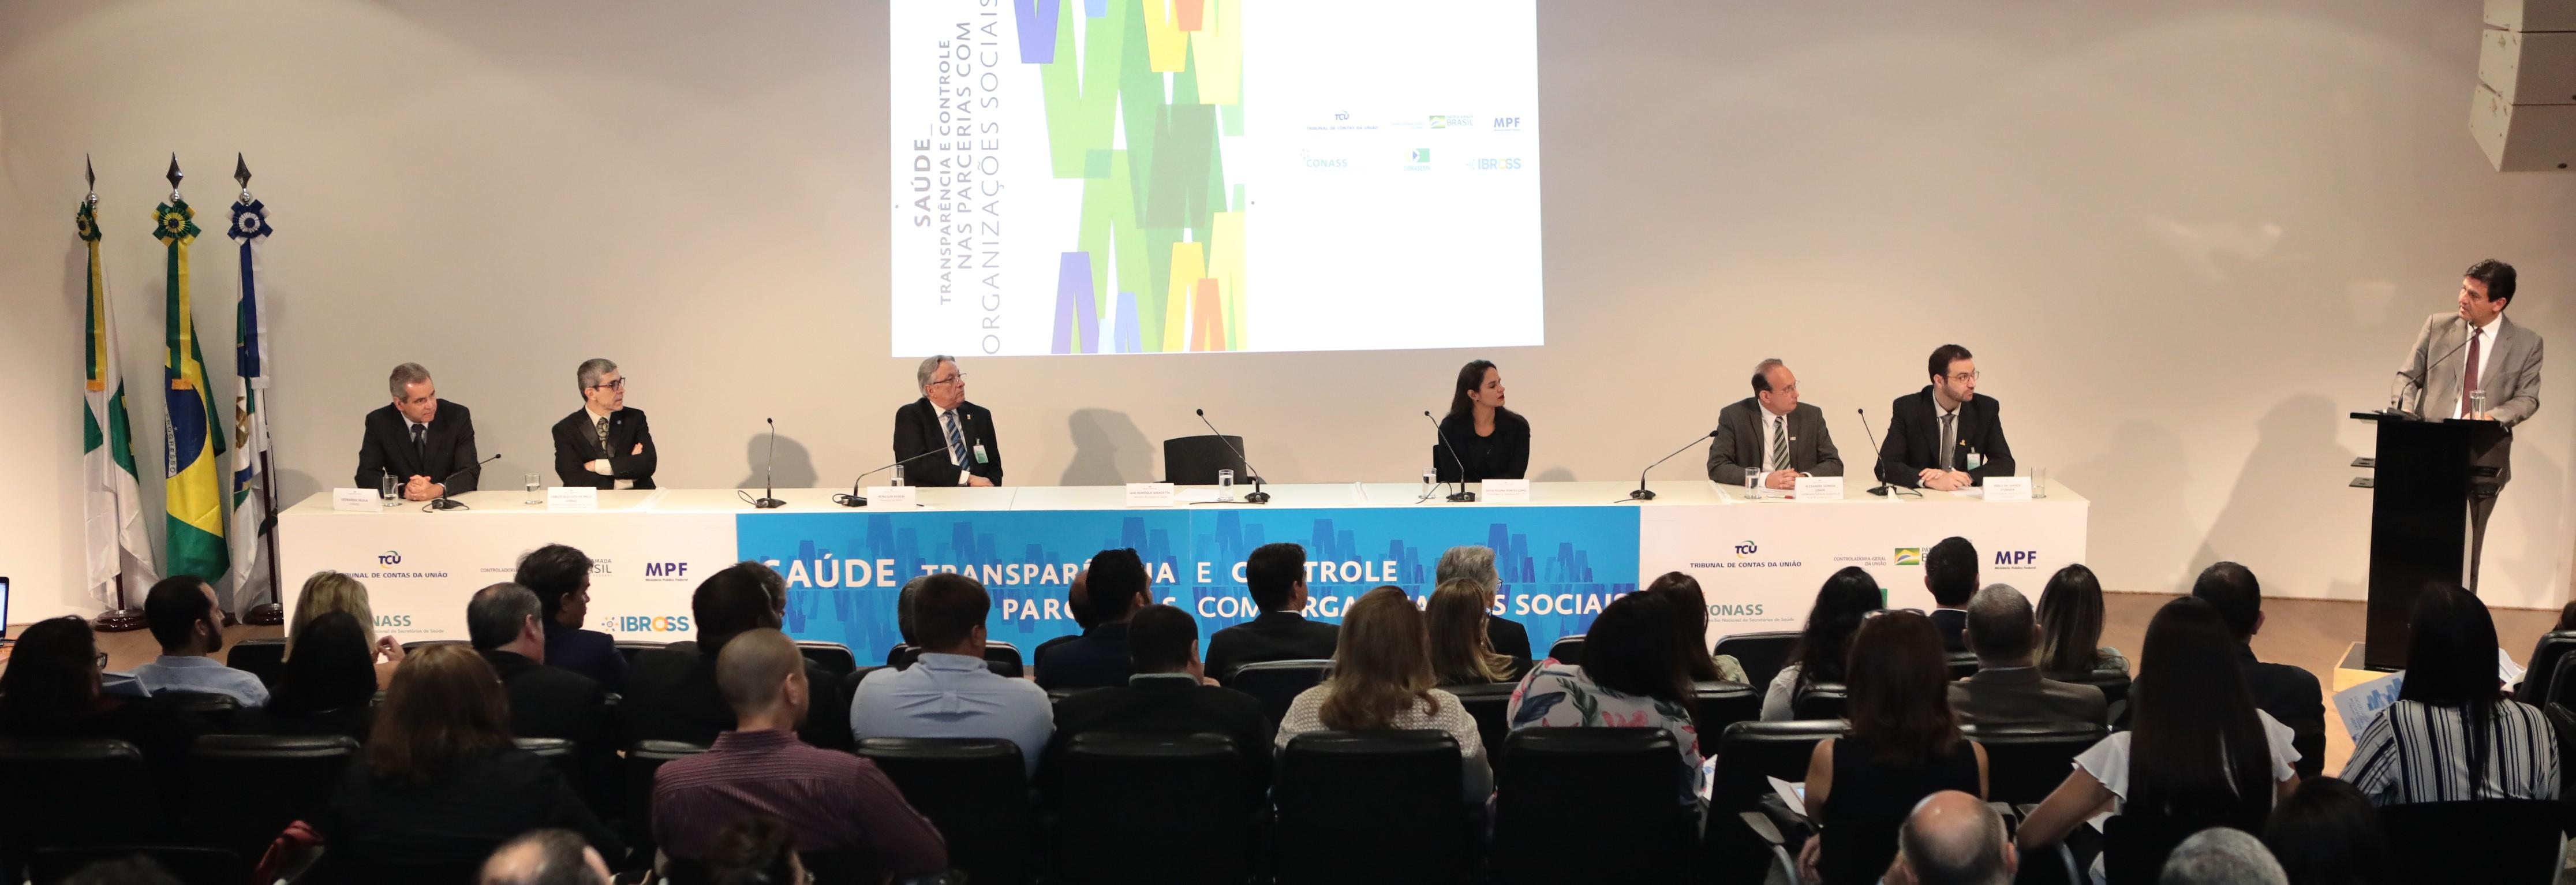 Seminário discute transparência e controle nas parcerias com Organizações Sociais